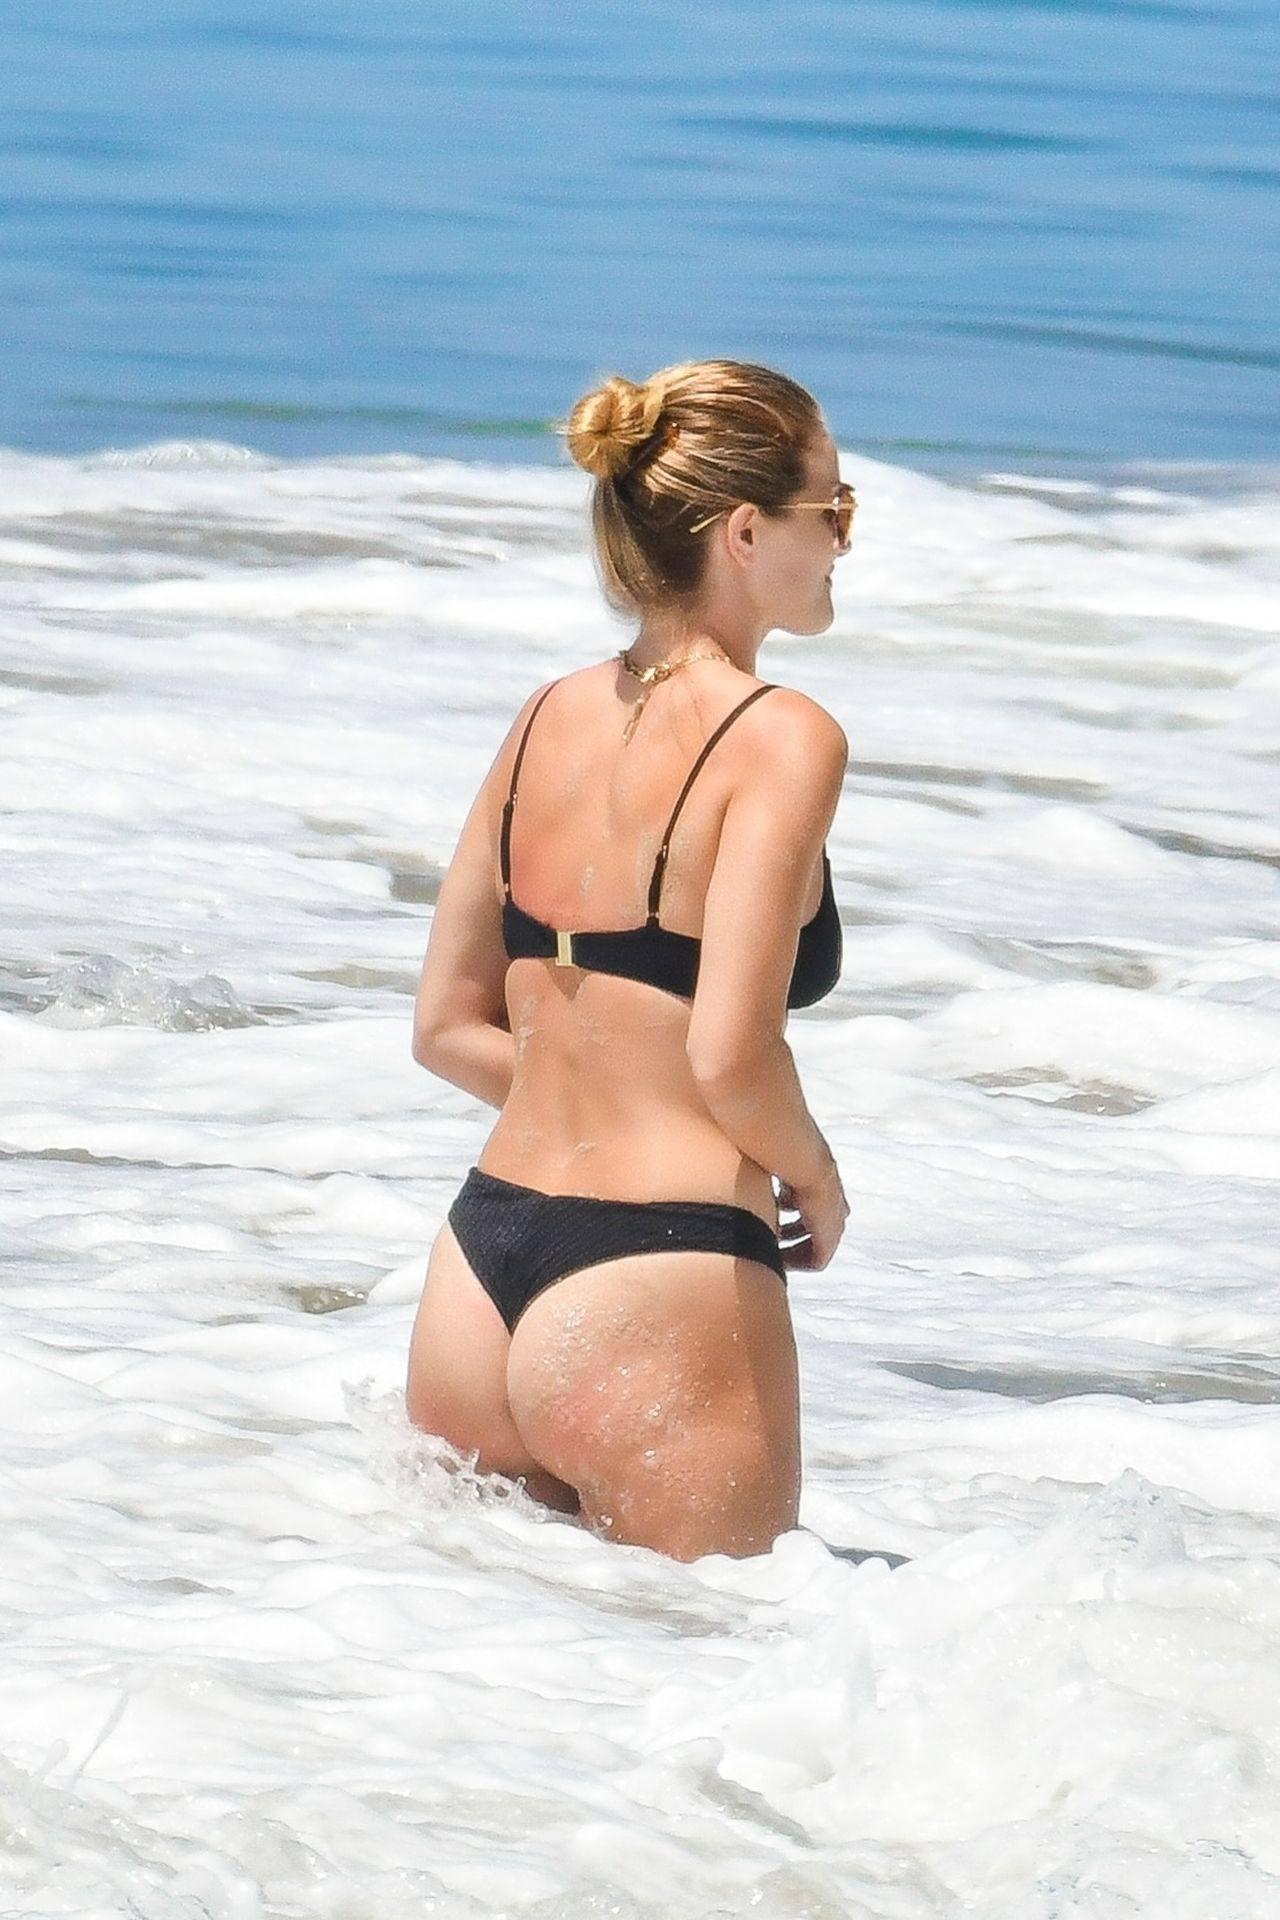 Rosie Huntington Whiteley – Beautiful Ass In Thong Bikini In Malibu 0004